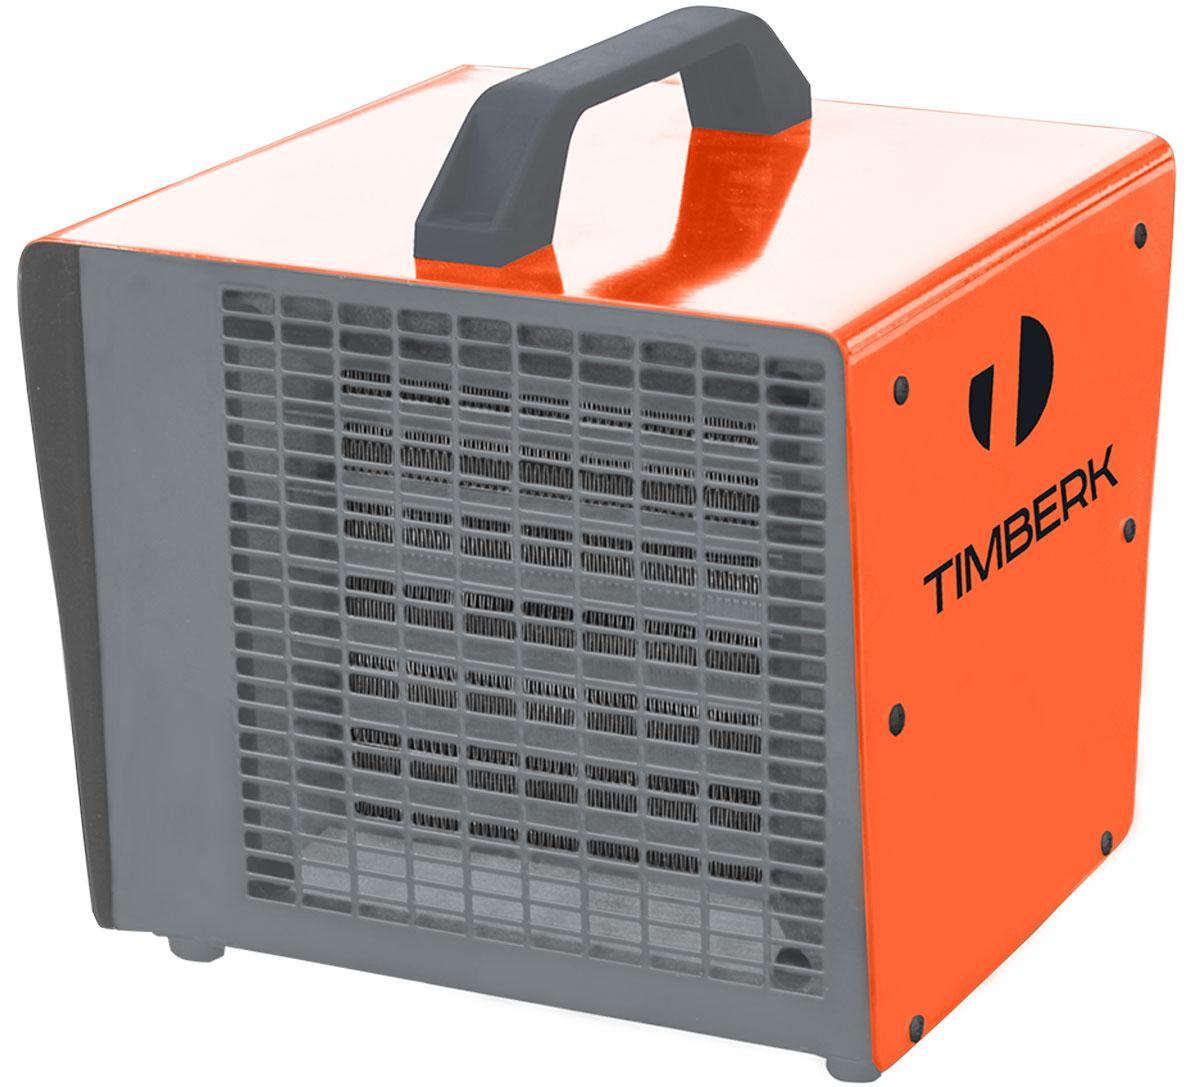 Timberk TFH T20MDX тепловентиляторTFH T20MDXТепловентилятор Timberk TFH T20MDXобеспечивает мгновенный нагрев воздуха в помещениях площадью до 25 кв. м. Компактный размер и уникальный дизайн позволят устройству вписаться в любой интерьер, а низкий уровень шума не помешает отдыхать или работать при включенном тепловентиляторе.